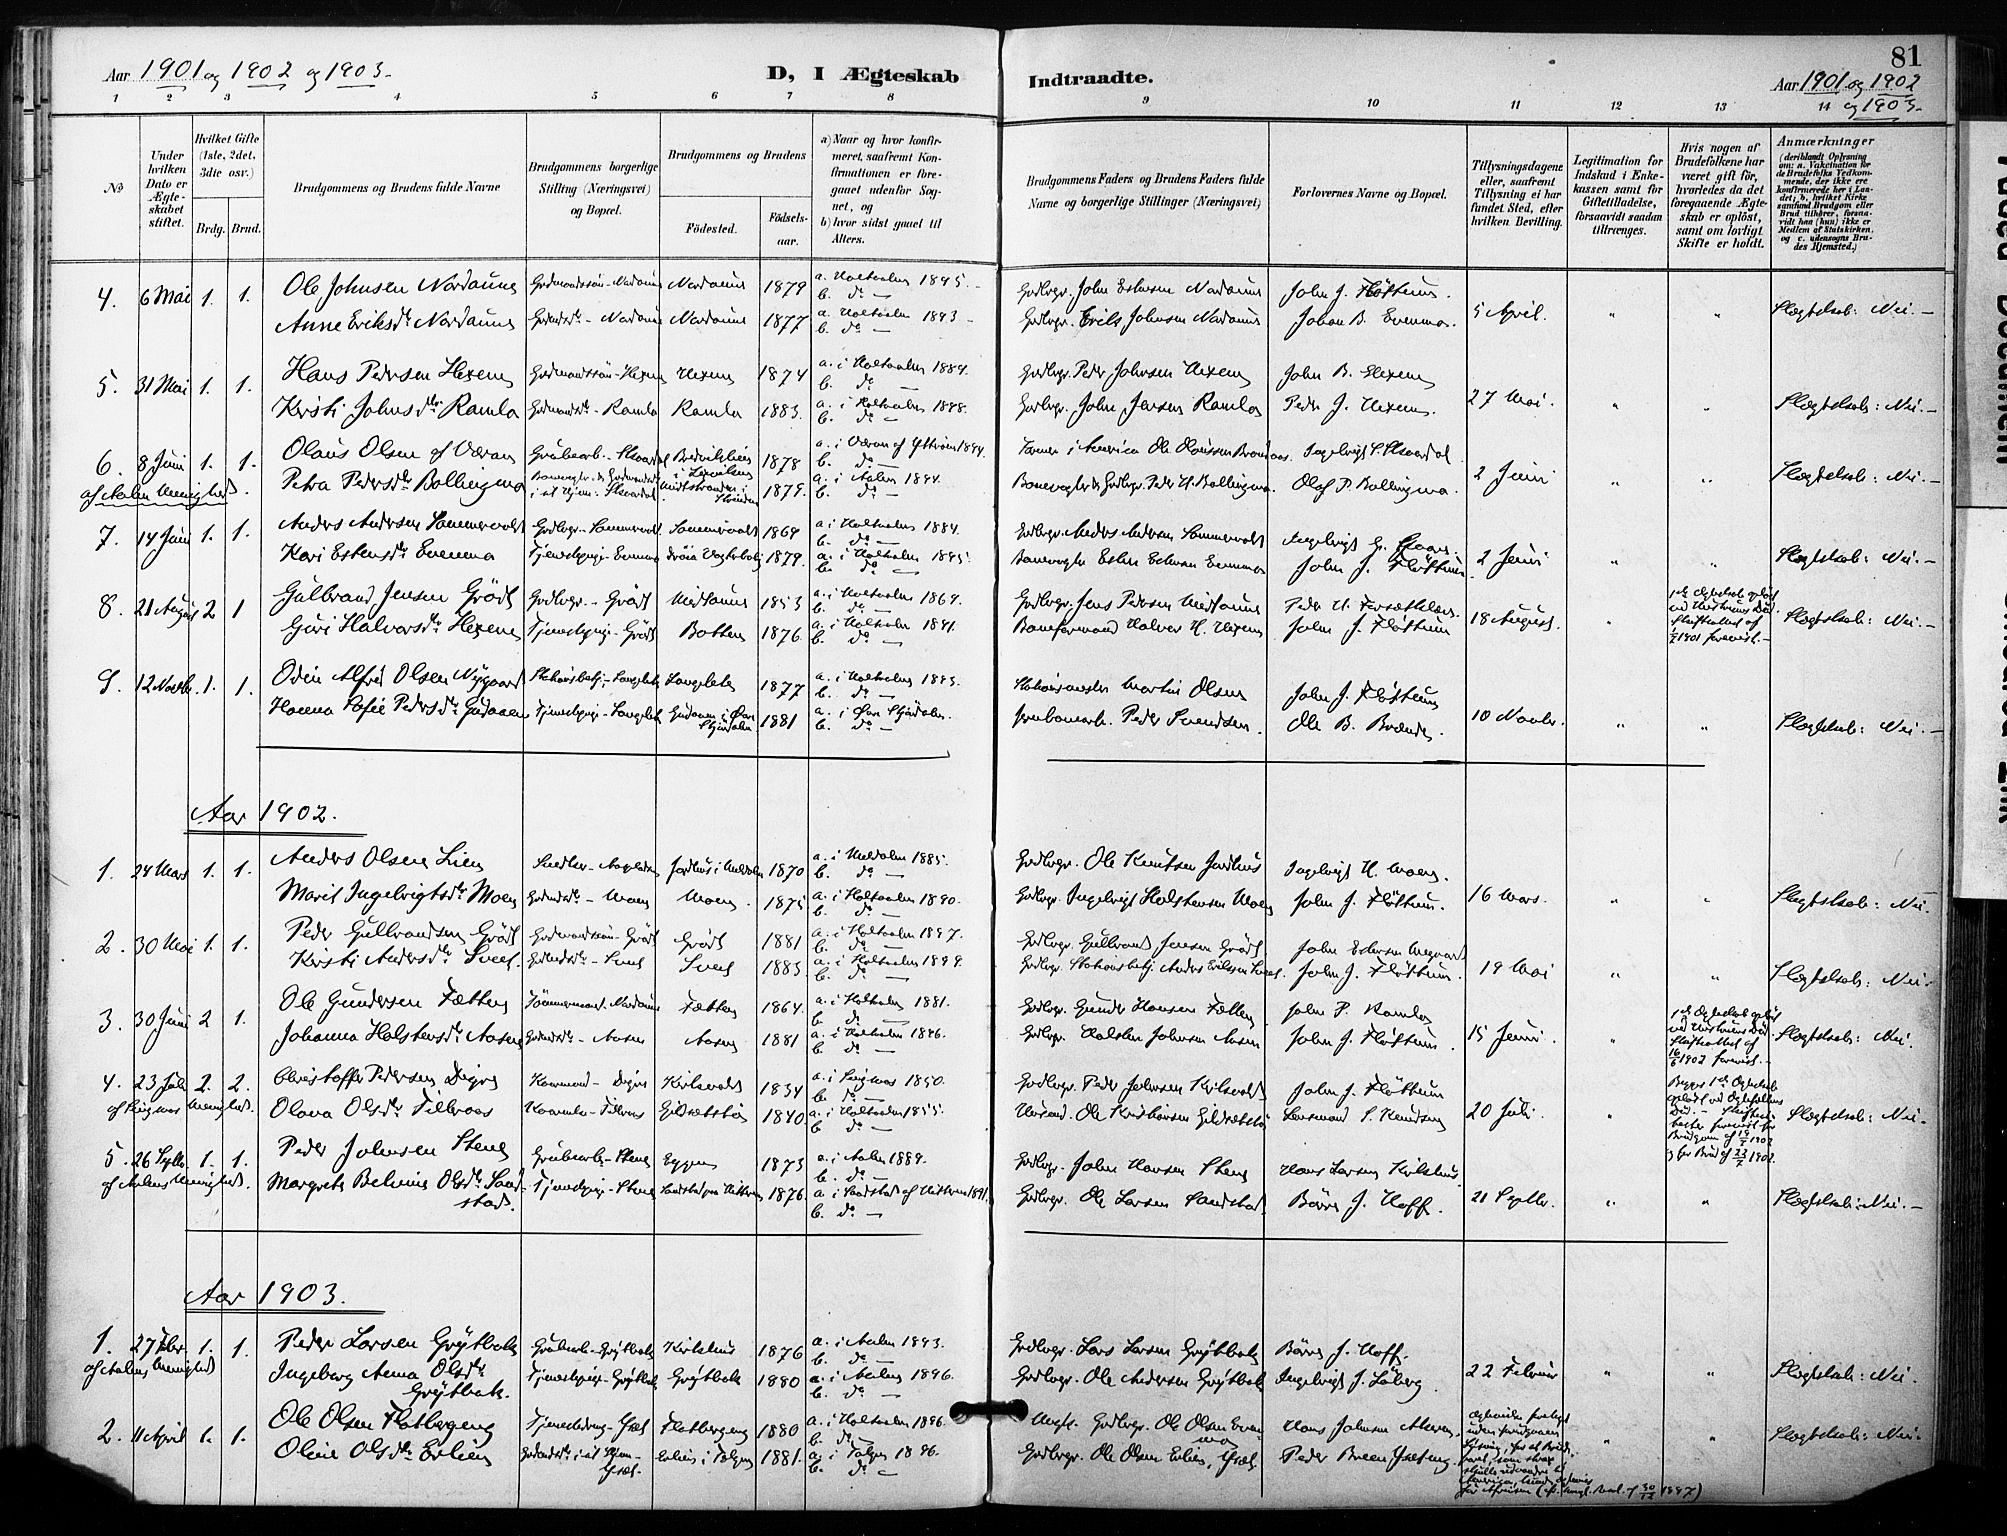 SAT, Ministerialprotokoller, klokkerbøker og fødselsregistre - Sør-Trøndelag, 685/L0973: Ministerialbok nr. 685A10, 1891-1907, s. 81